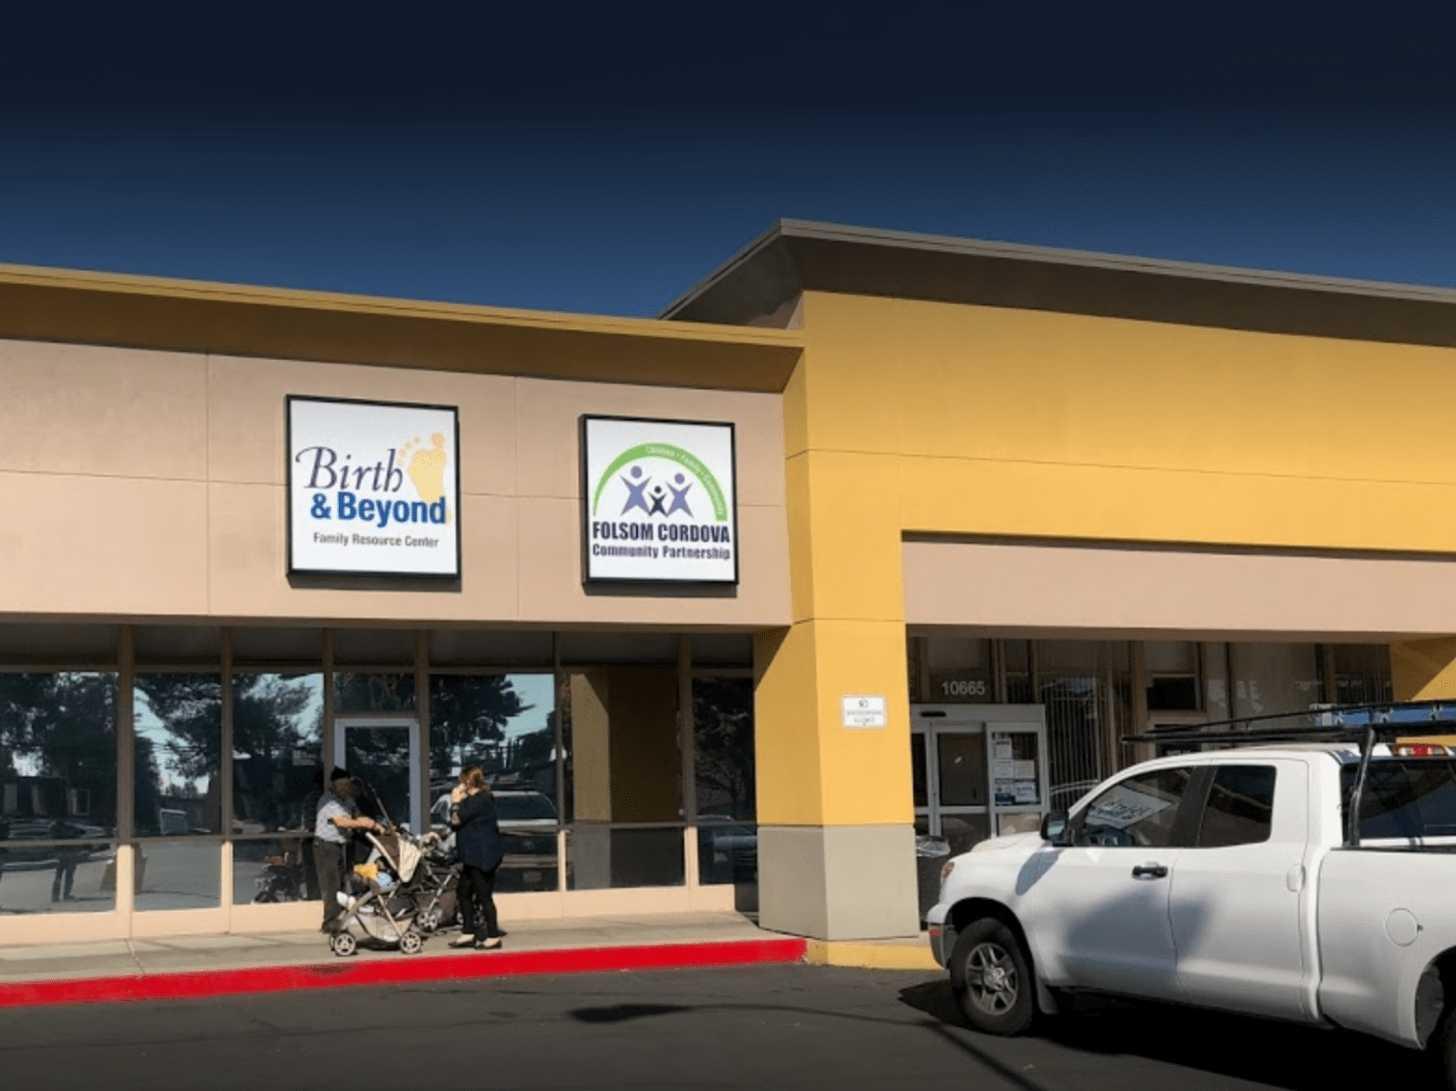 Folsom Cordova Community Partnership